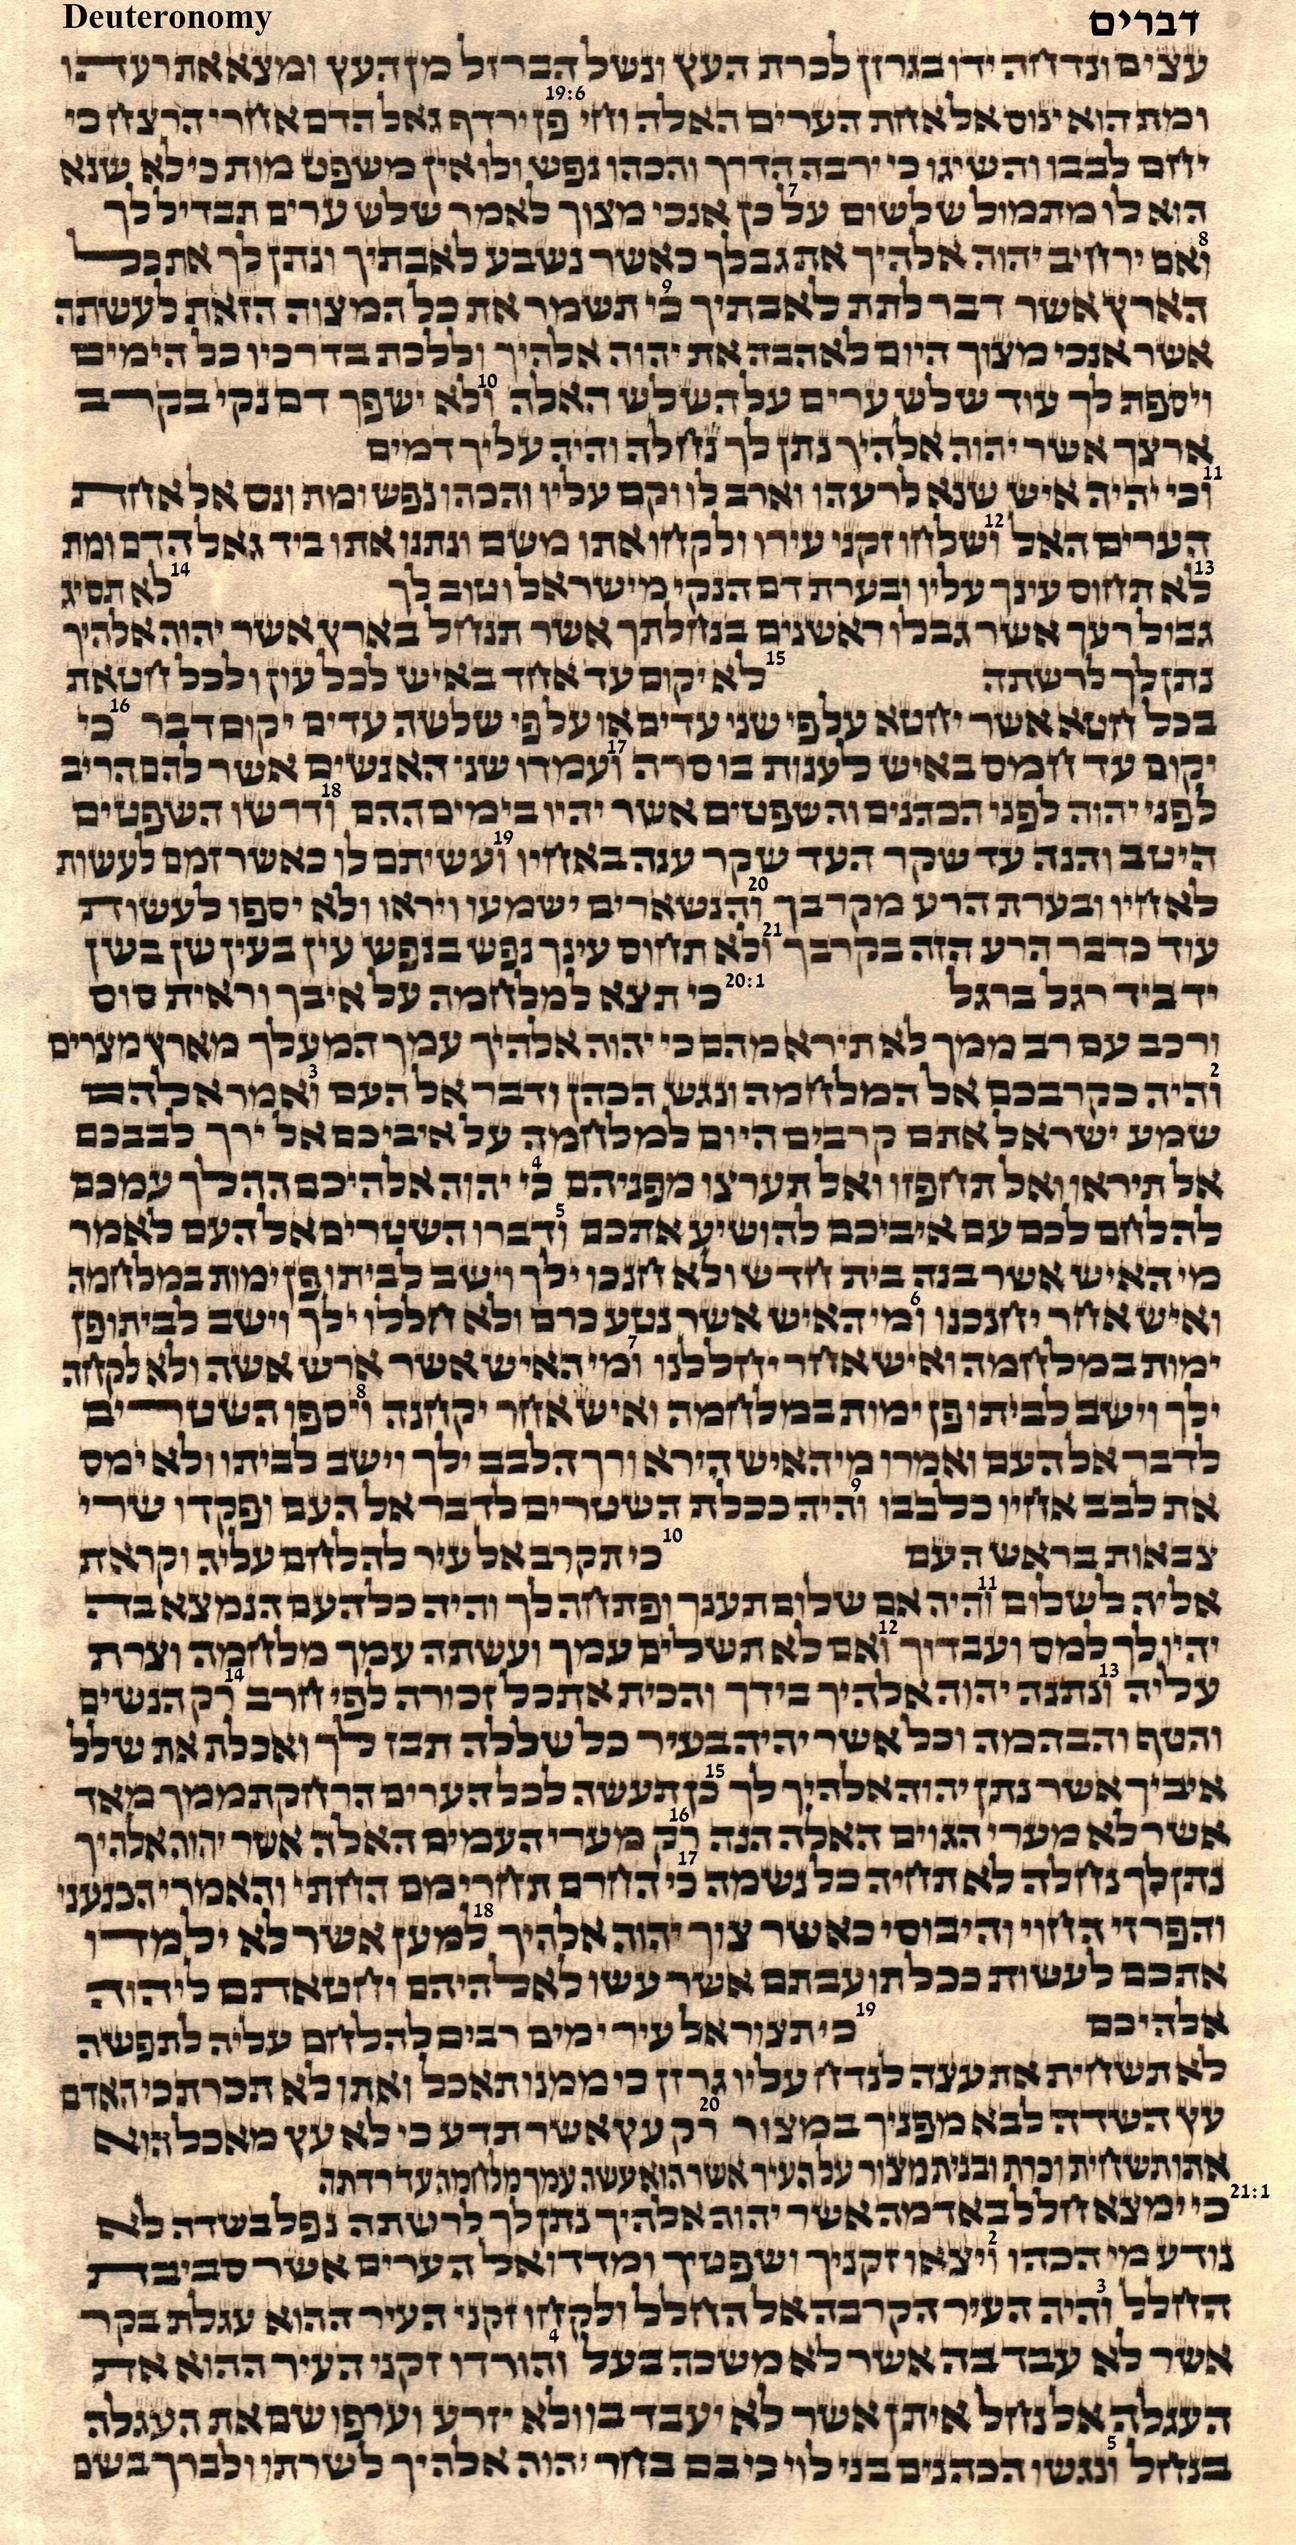 Deuteronomy 19.6 - 21.5